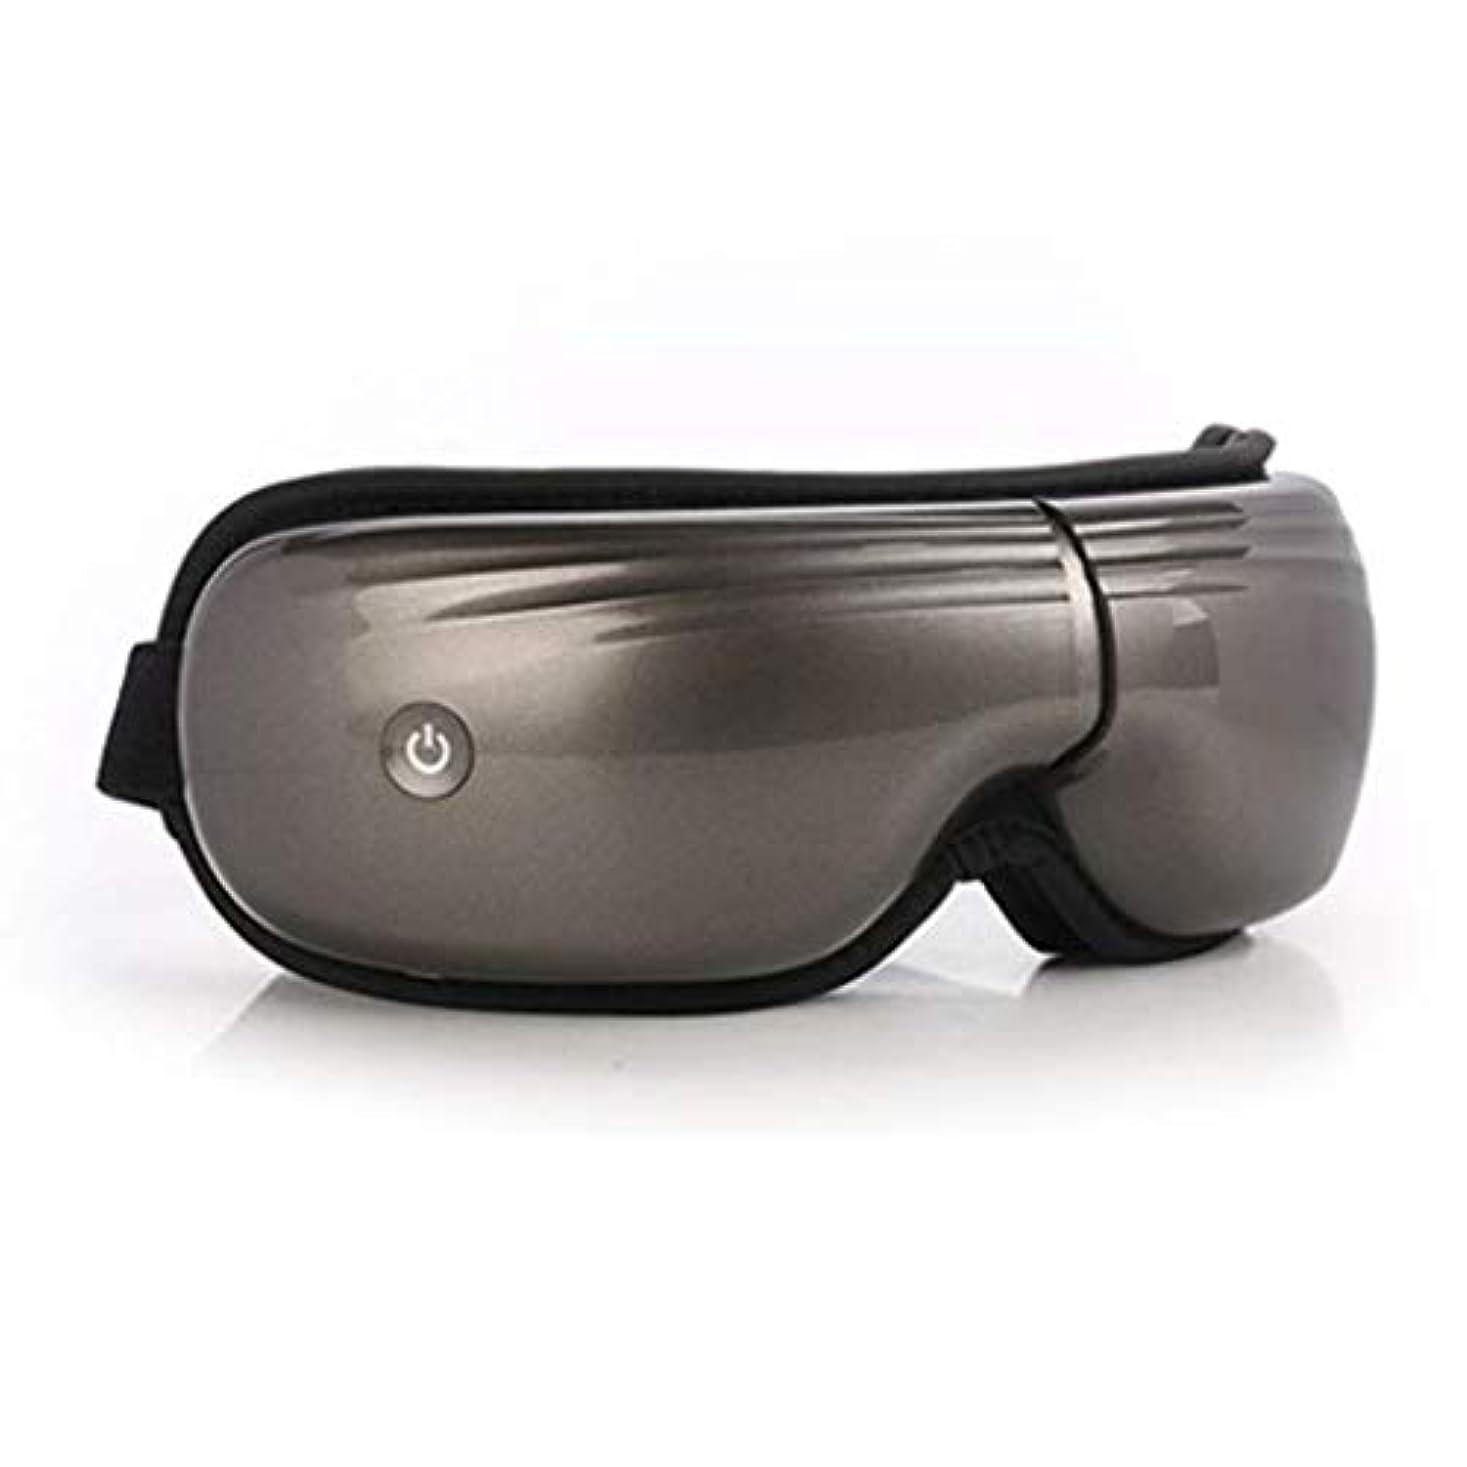 ペンダント貢献するサスティーンアイマッサージアイマスク、アイマッサージャー、USB充電式ポータブルアイツール、ホットコンプレッションおよびフォールディングホーム、ダークサークルアイバッグおよびアイ疲労の改善、いつでも、いつでも持ち運びが簡単